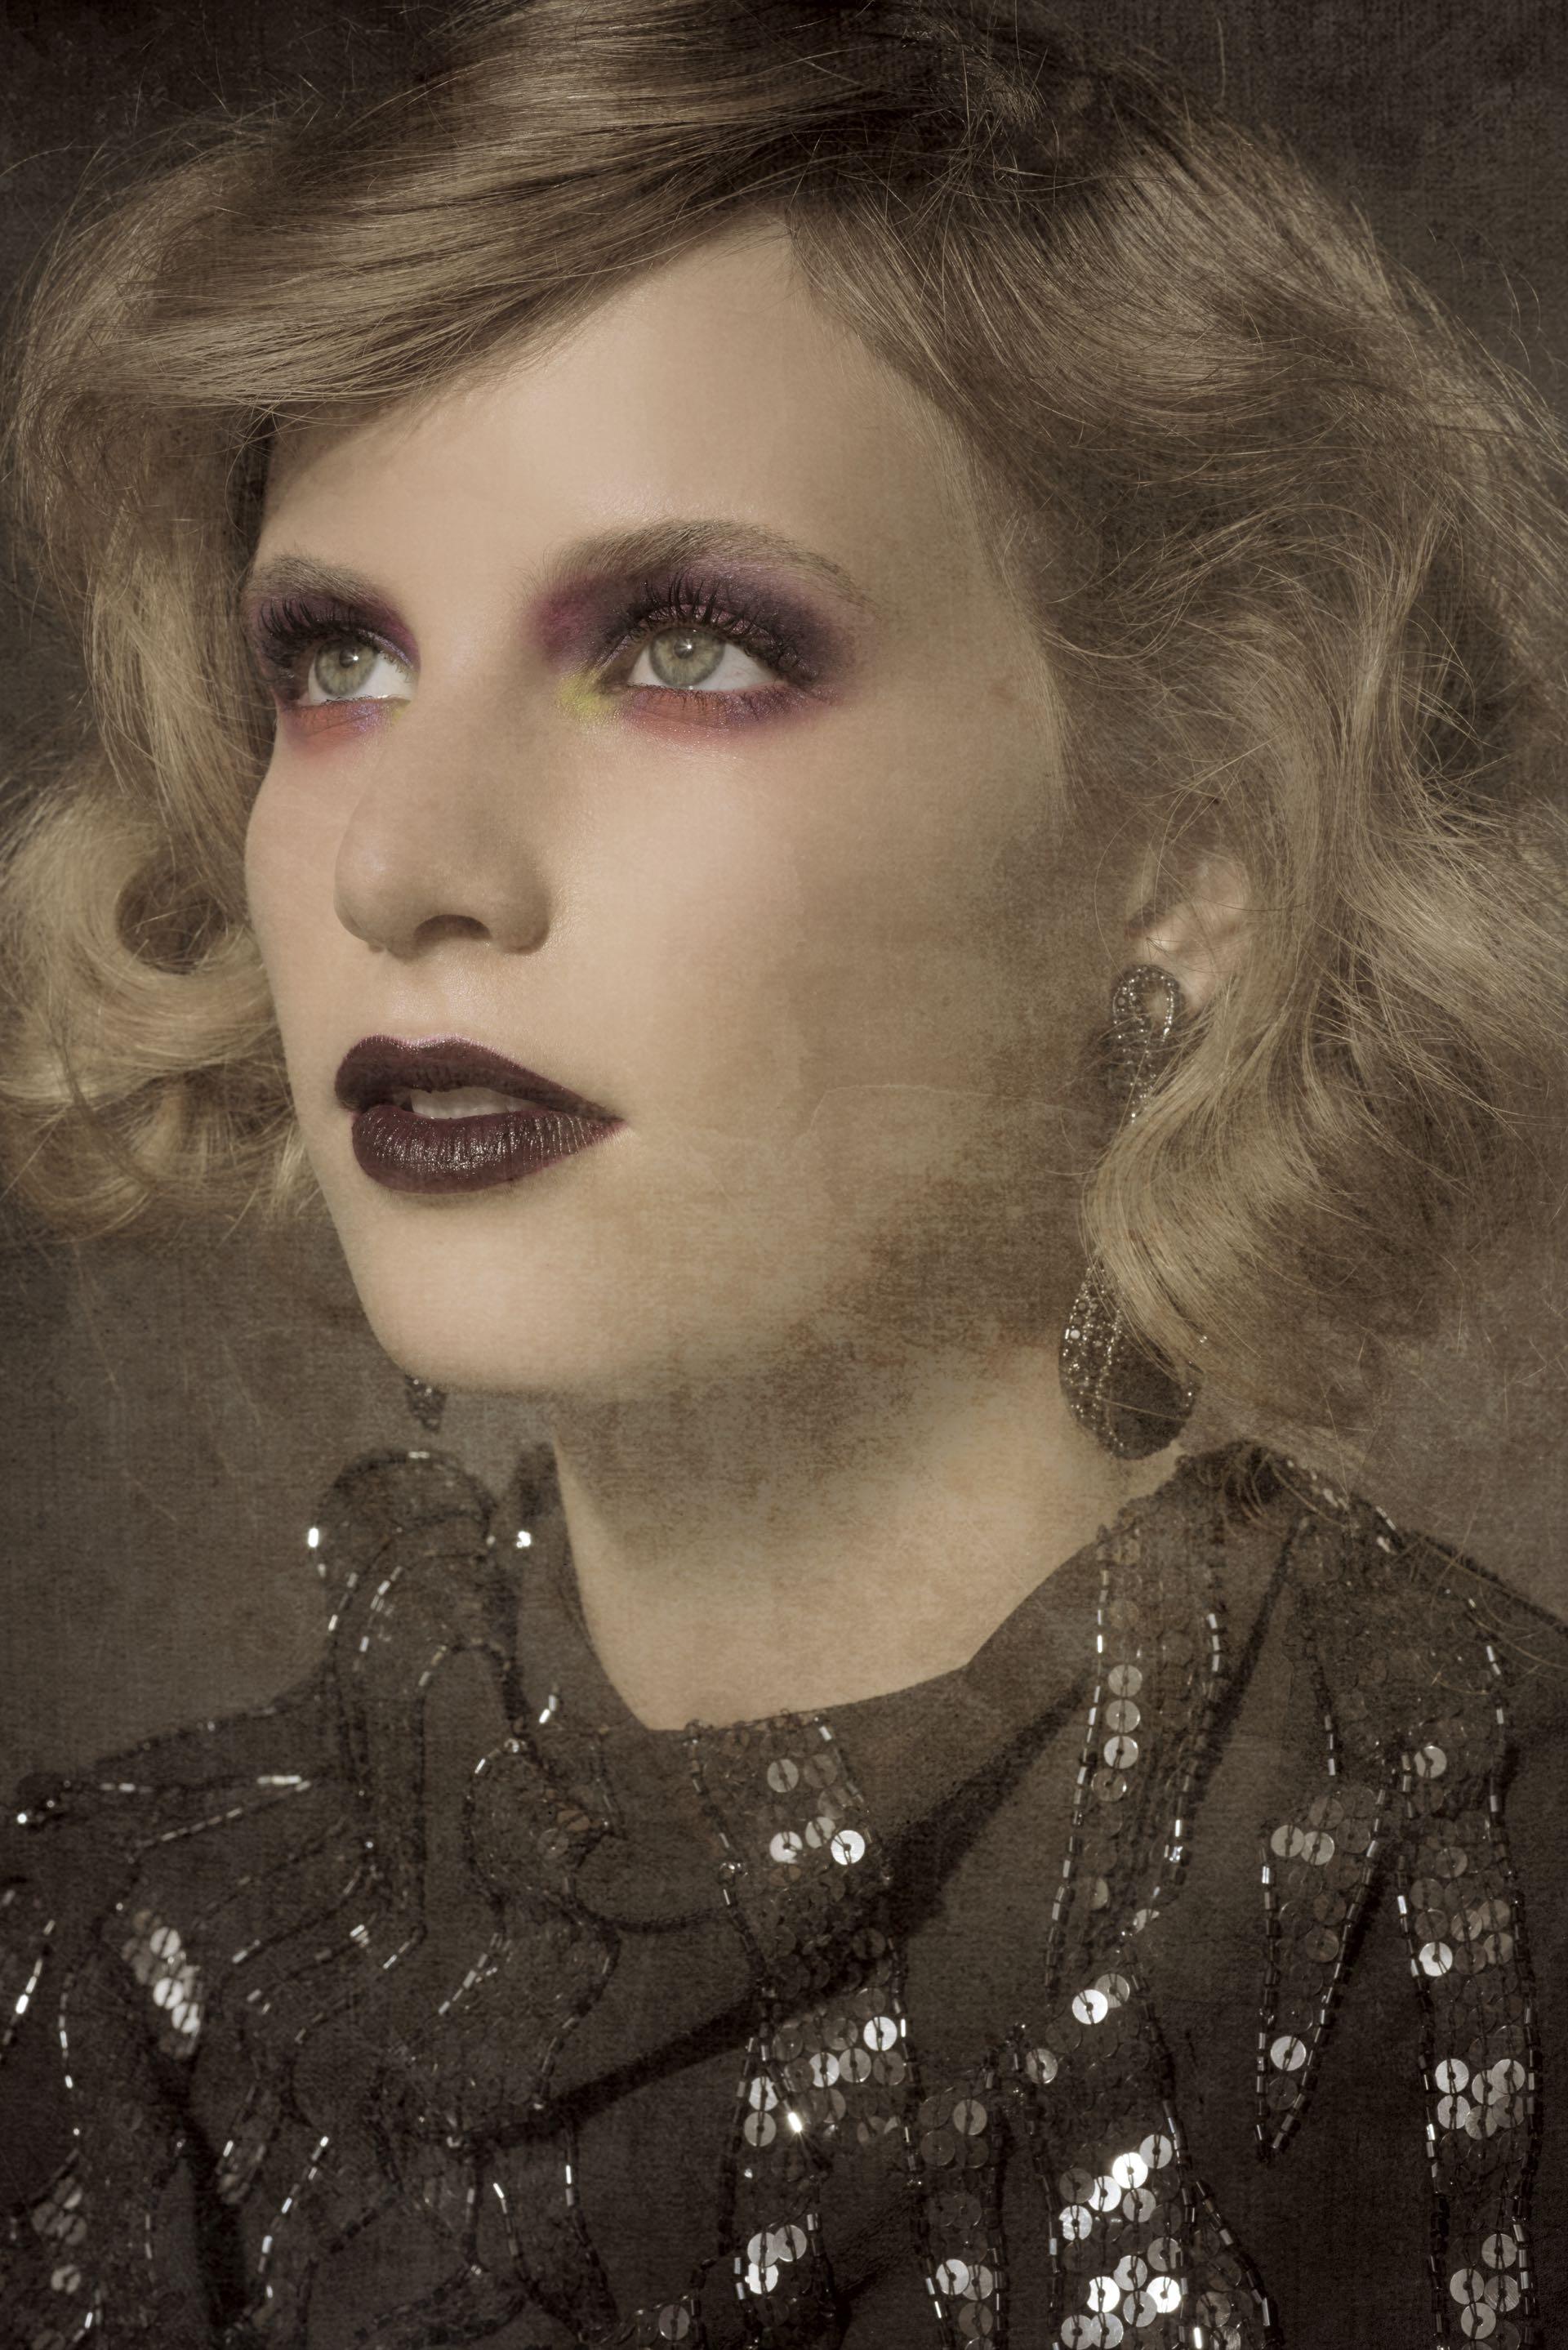 Un make up fuerte, súper efectivo para las imágenes